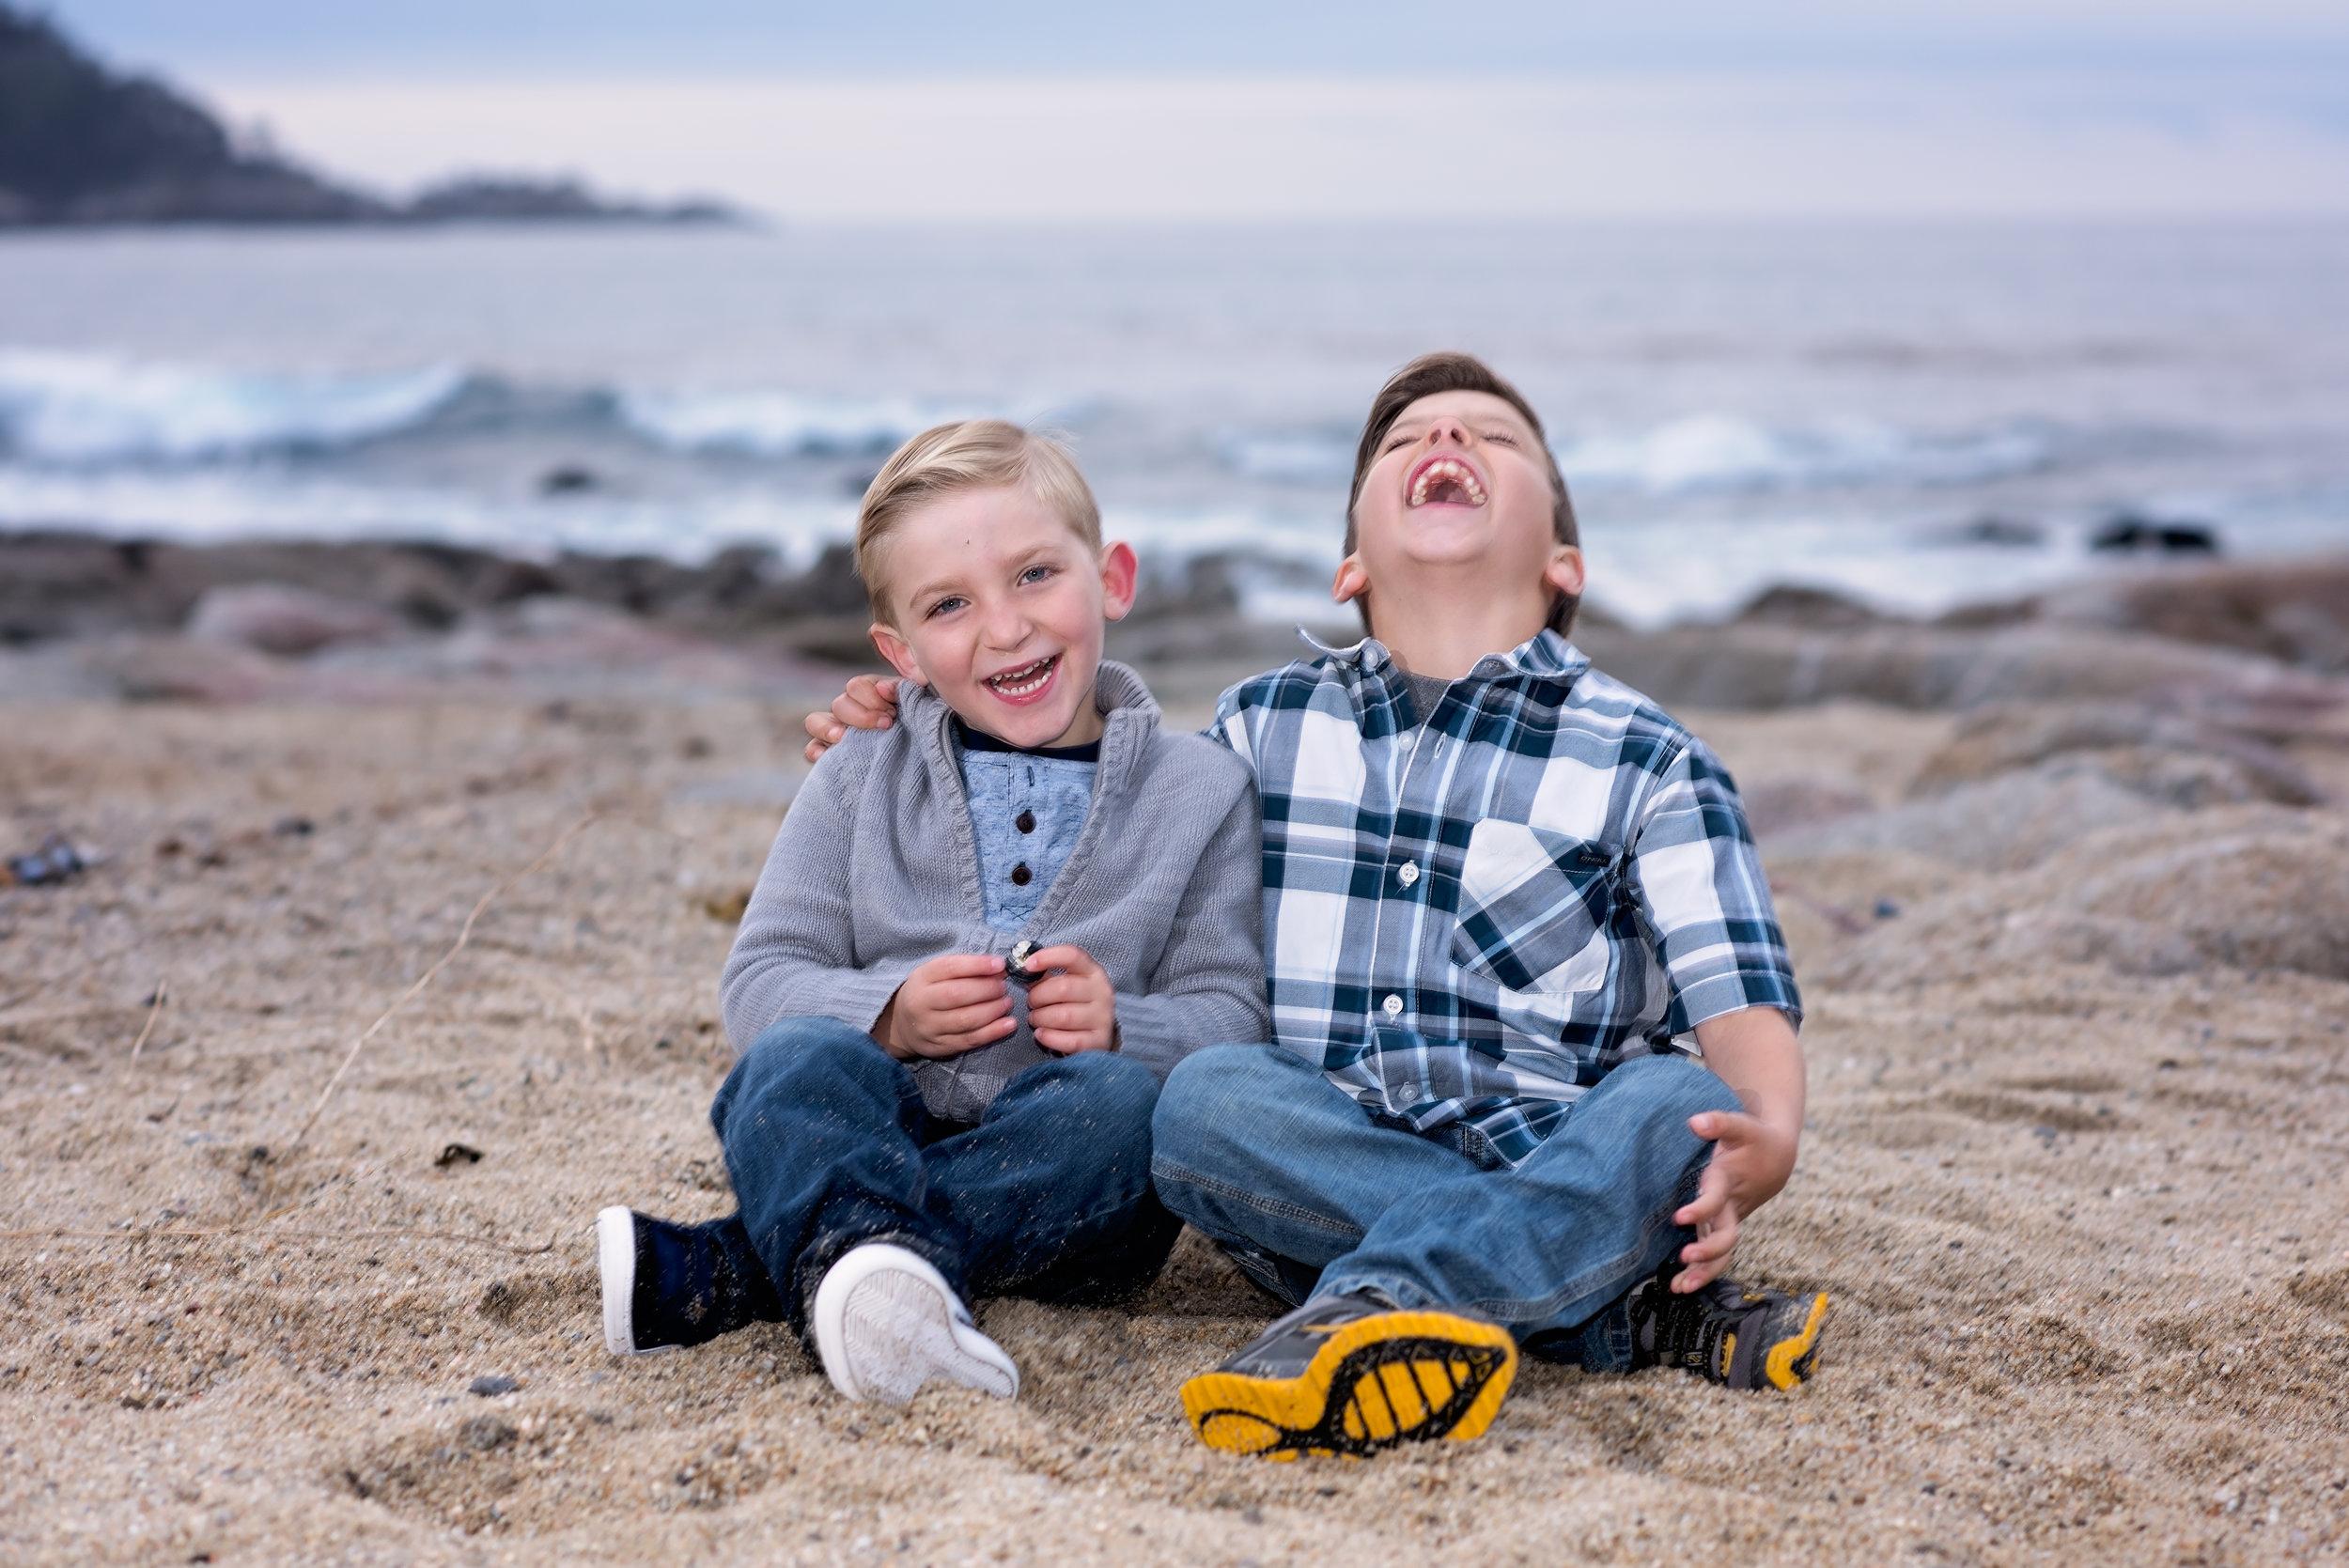 Carmel Beach Photographer